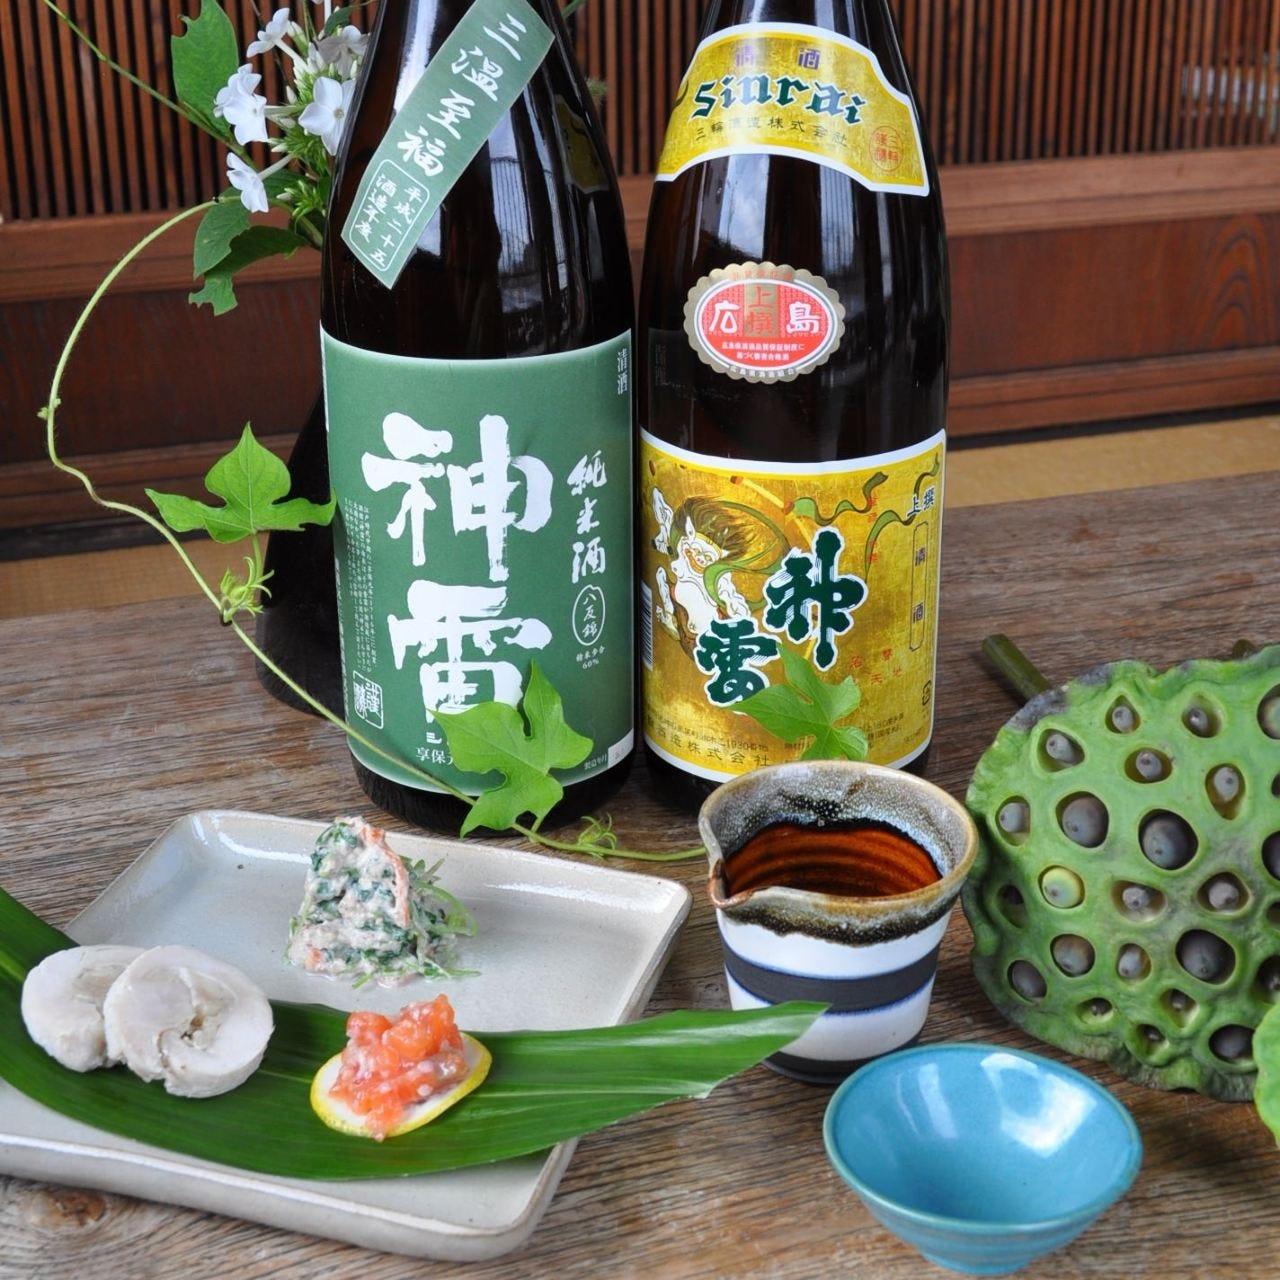 神石の日本酒『神雷』を ぜひご賞味ください